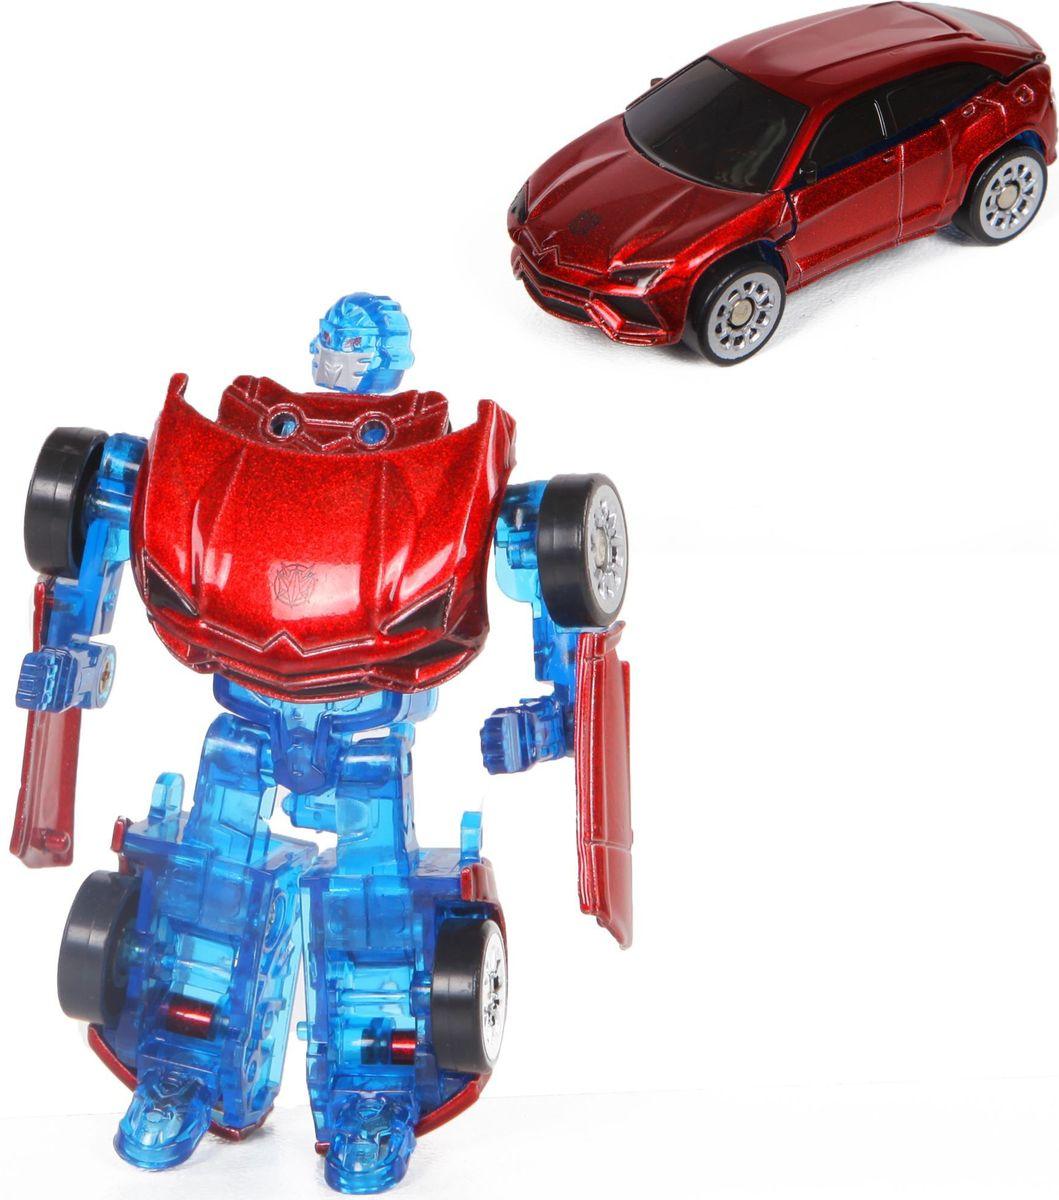 Фото Yako Робот-трансформер цвет красный Y3686092-2. Купить  в РФ